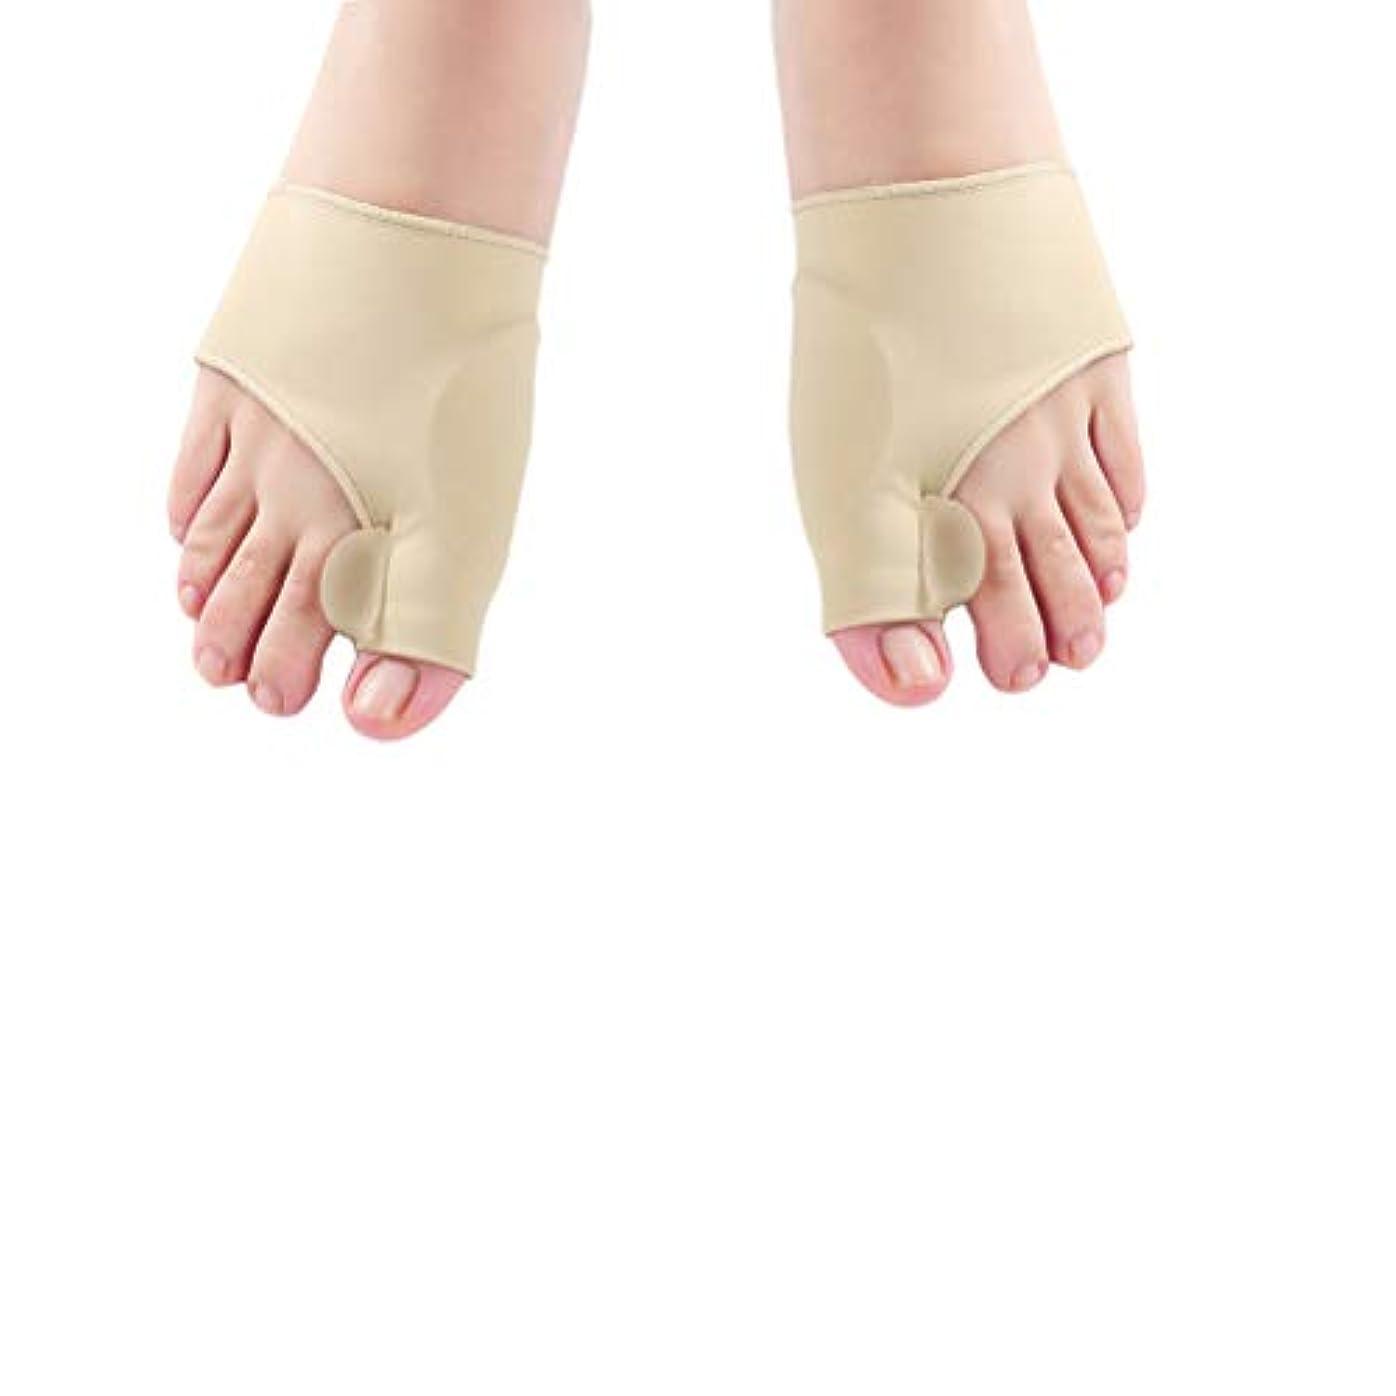 偉業若いフォルダHealifty un補正器のつま先の整形外科の外反母趾の補正子のつま先の整形外科の腱の副木の親指の区切り記号の昼と夜の使用のための痛みの軽減 - サイズL(カーキ)